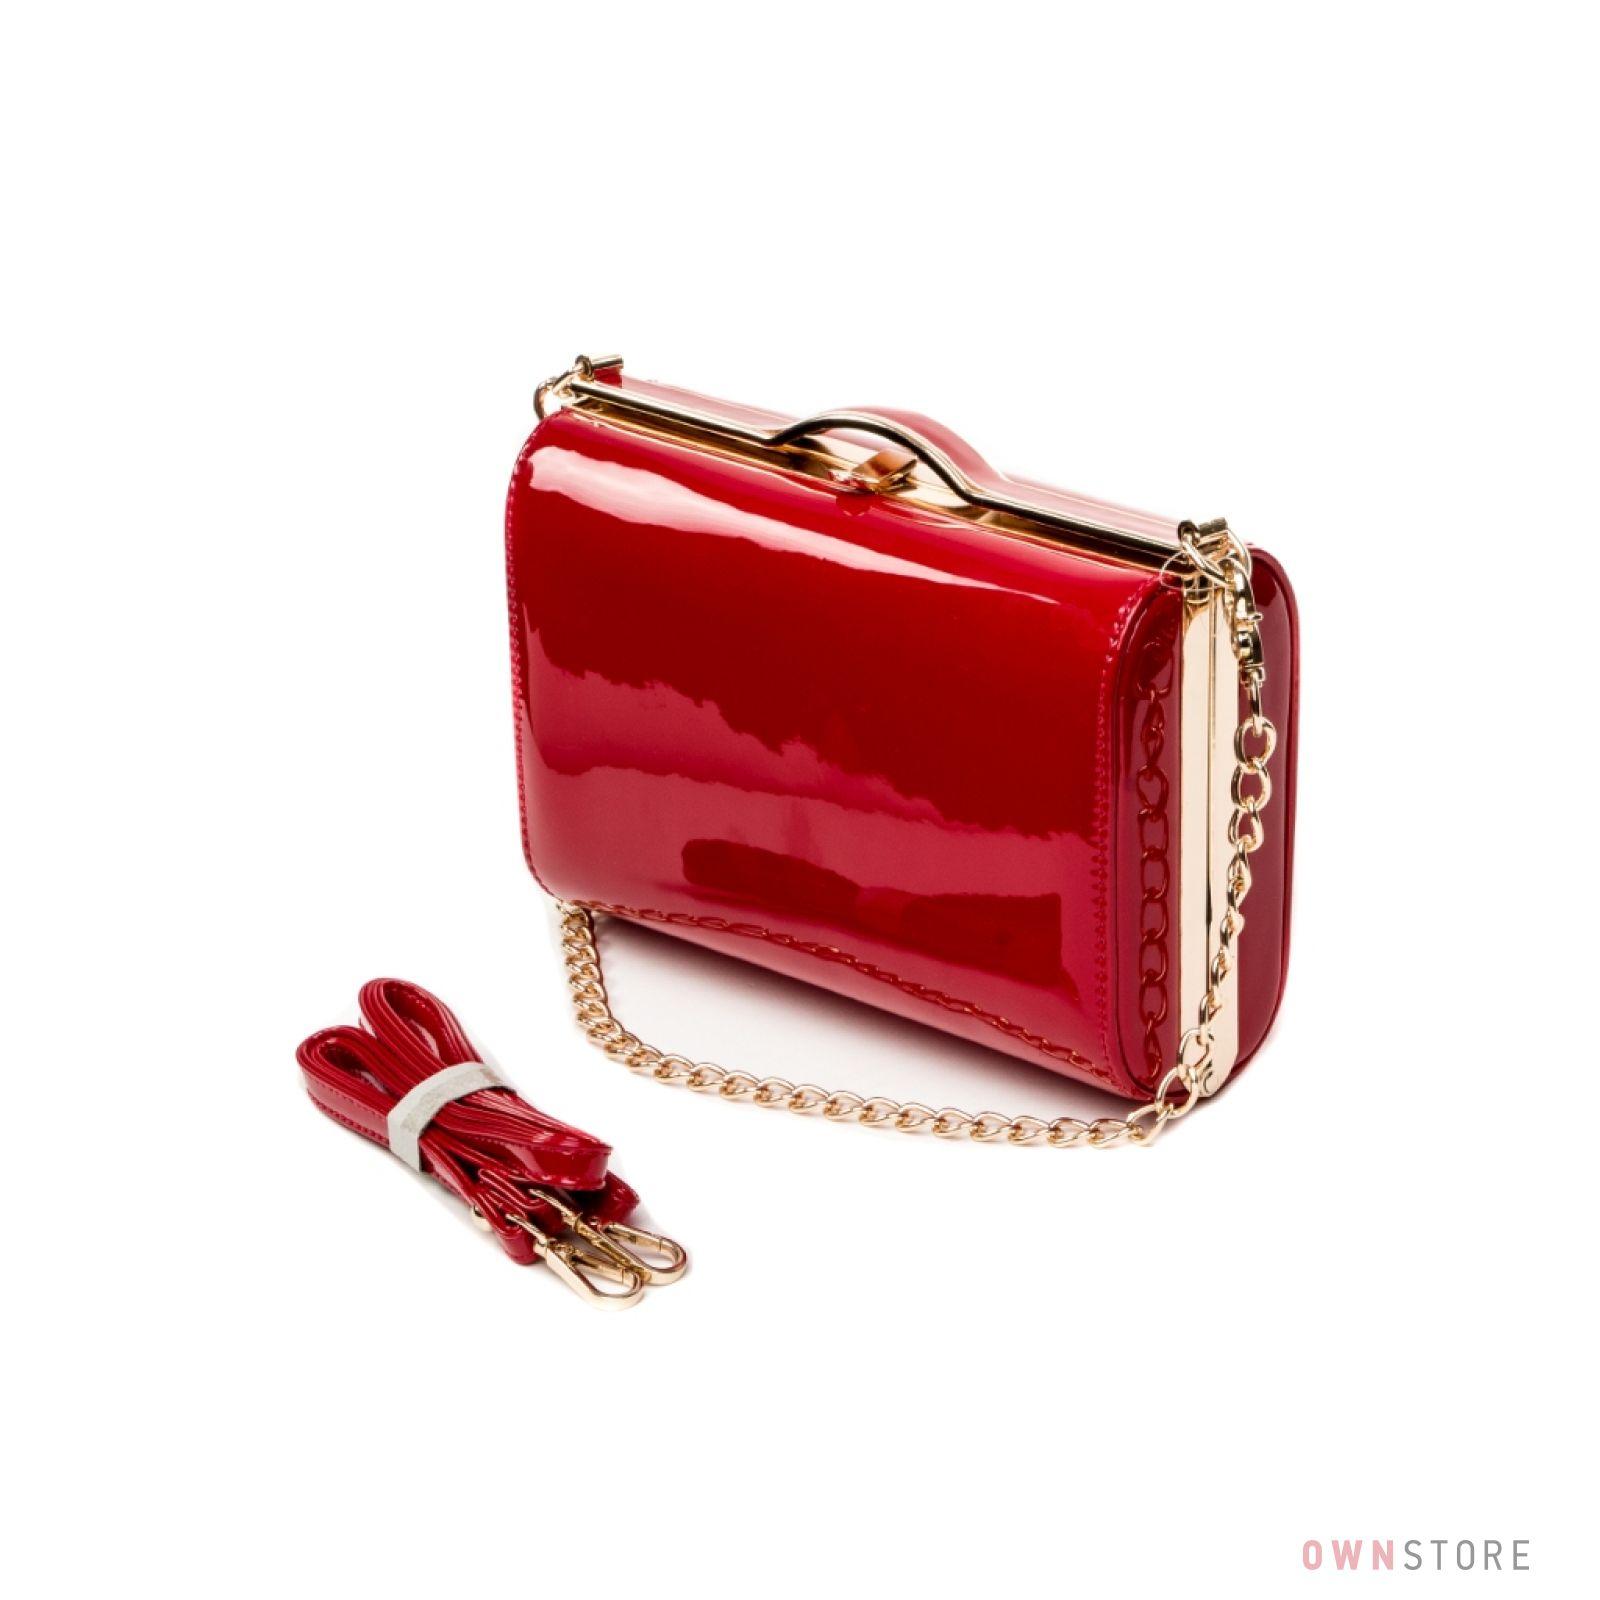 95698a6347ea Женская сумка-клатч красная лаковая от Rose Heart на цепочке